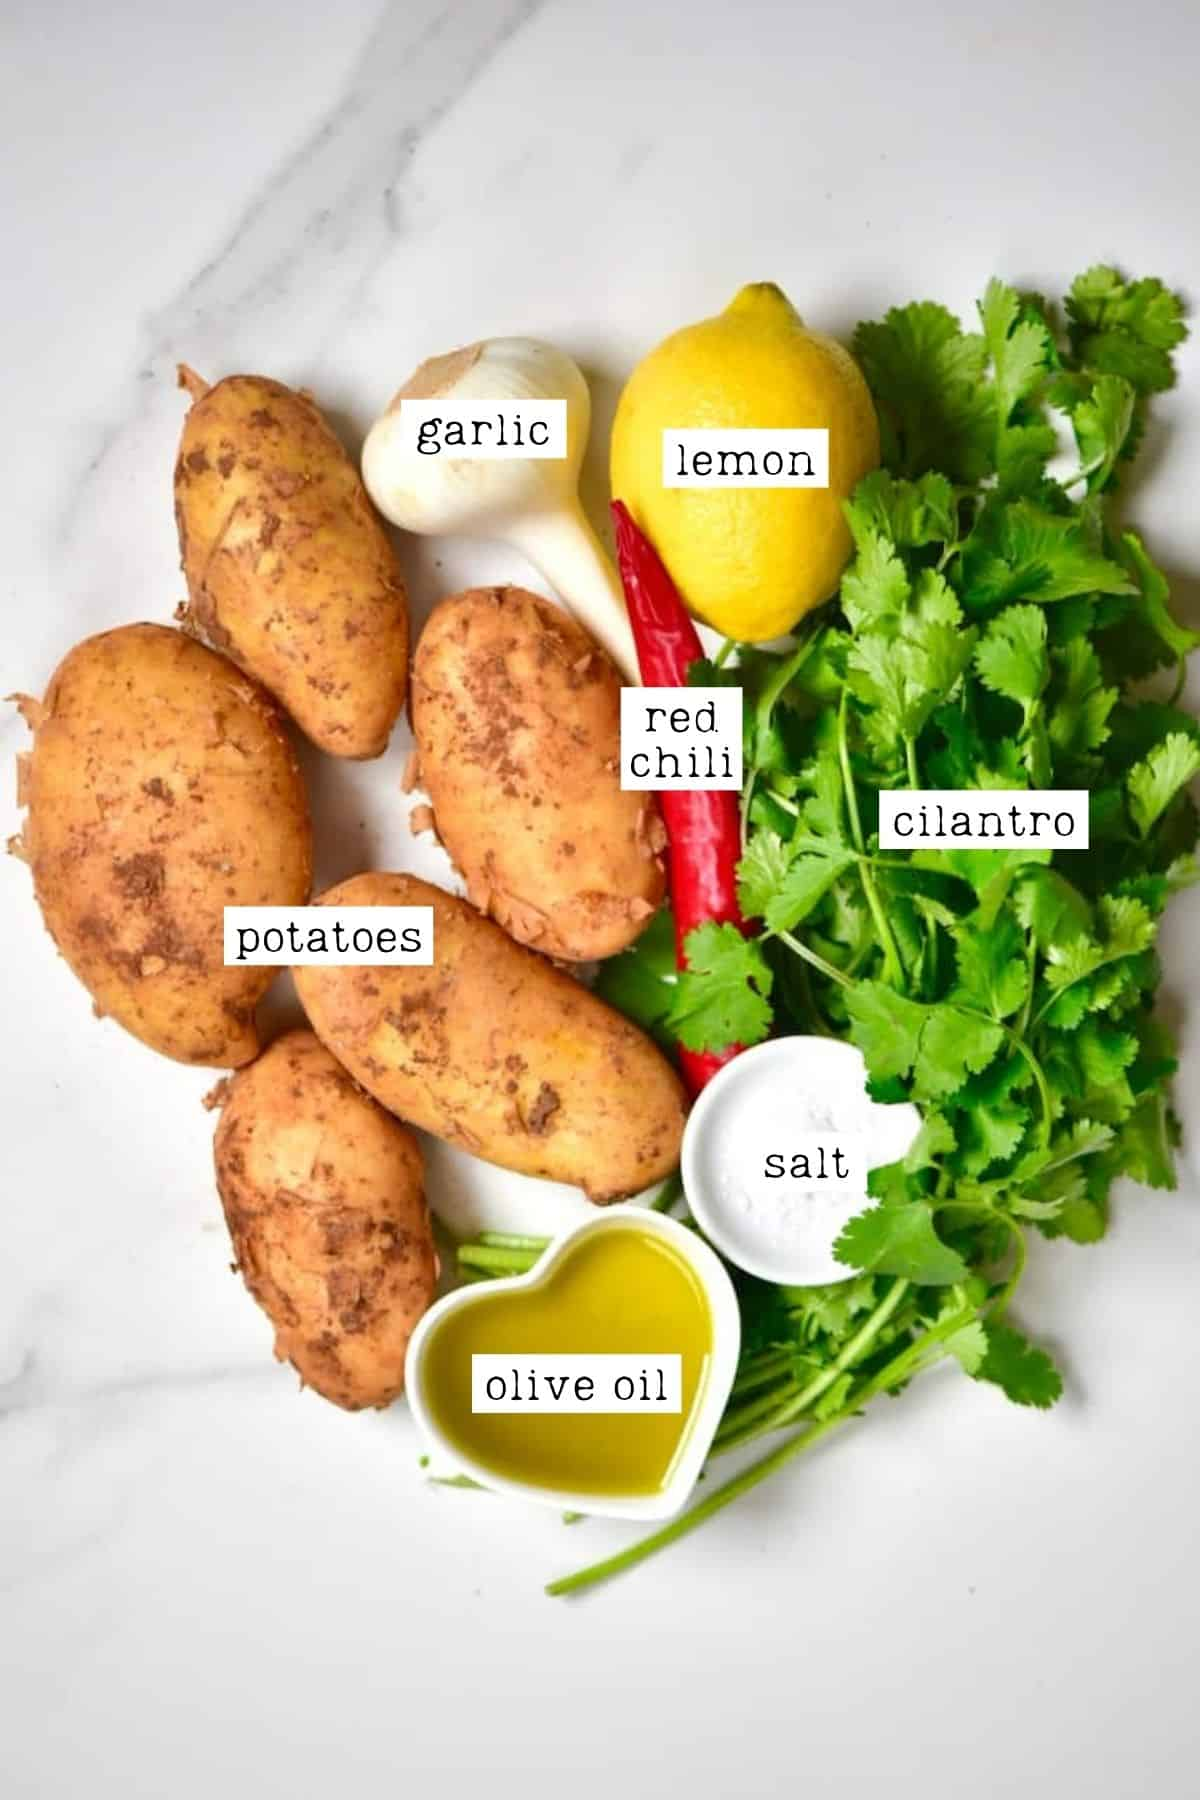 Batata Harra ingredients